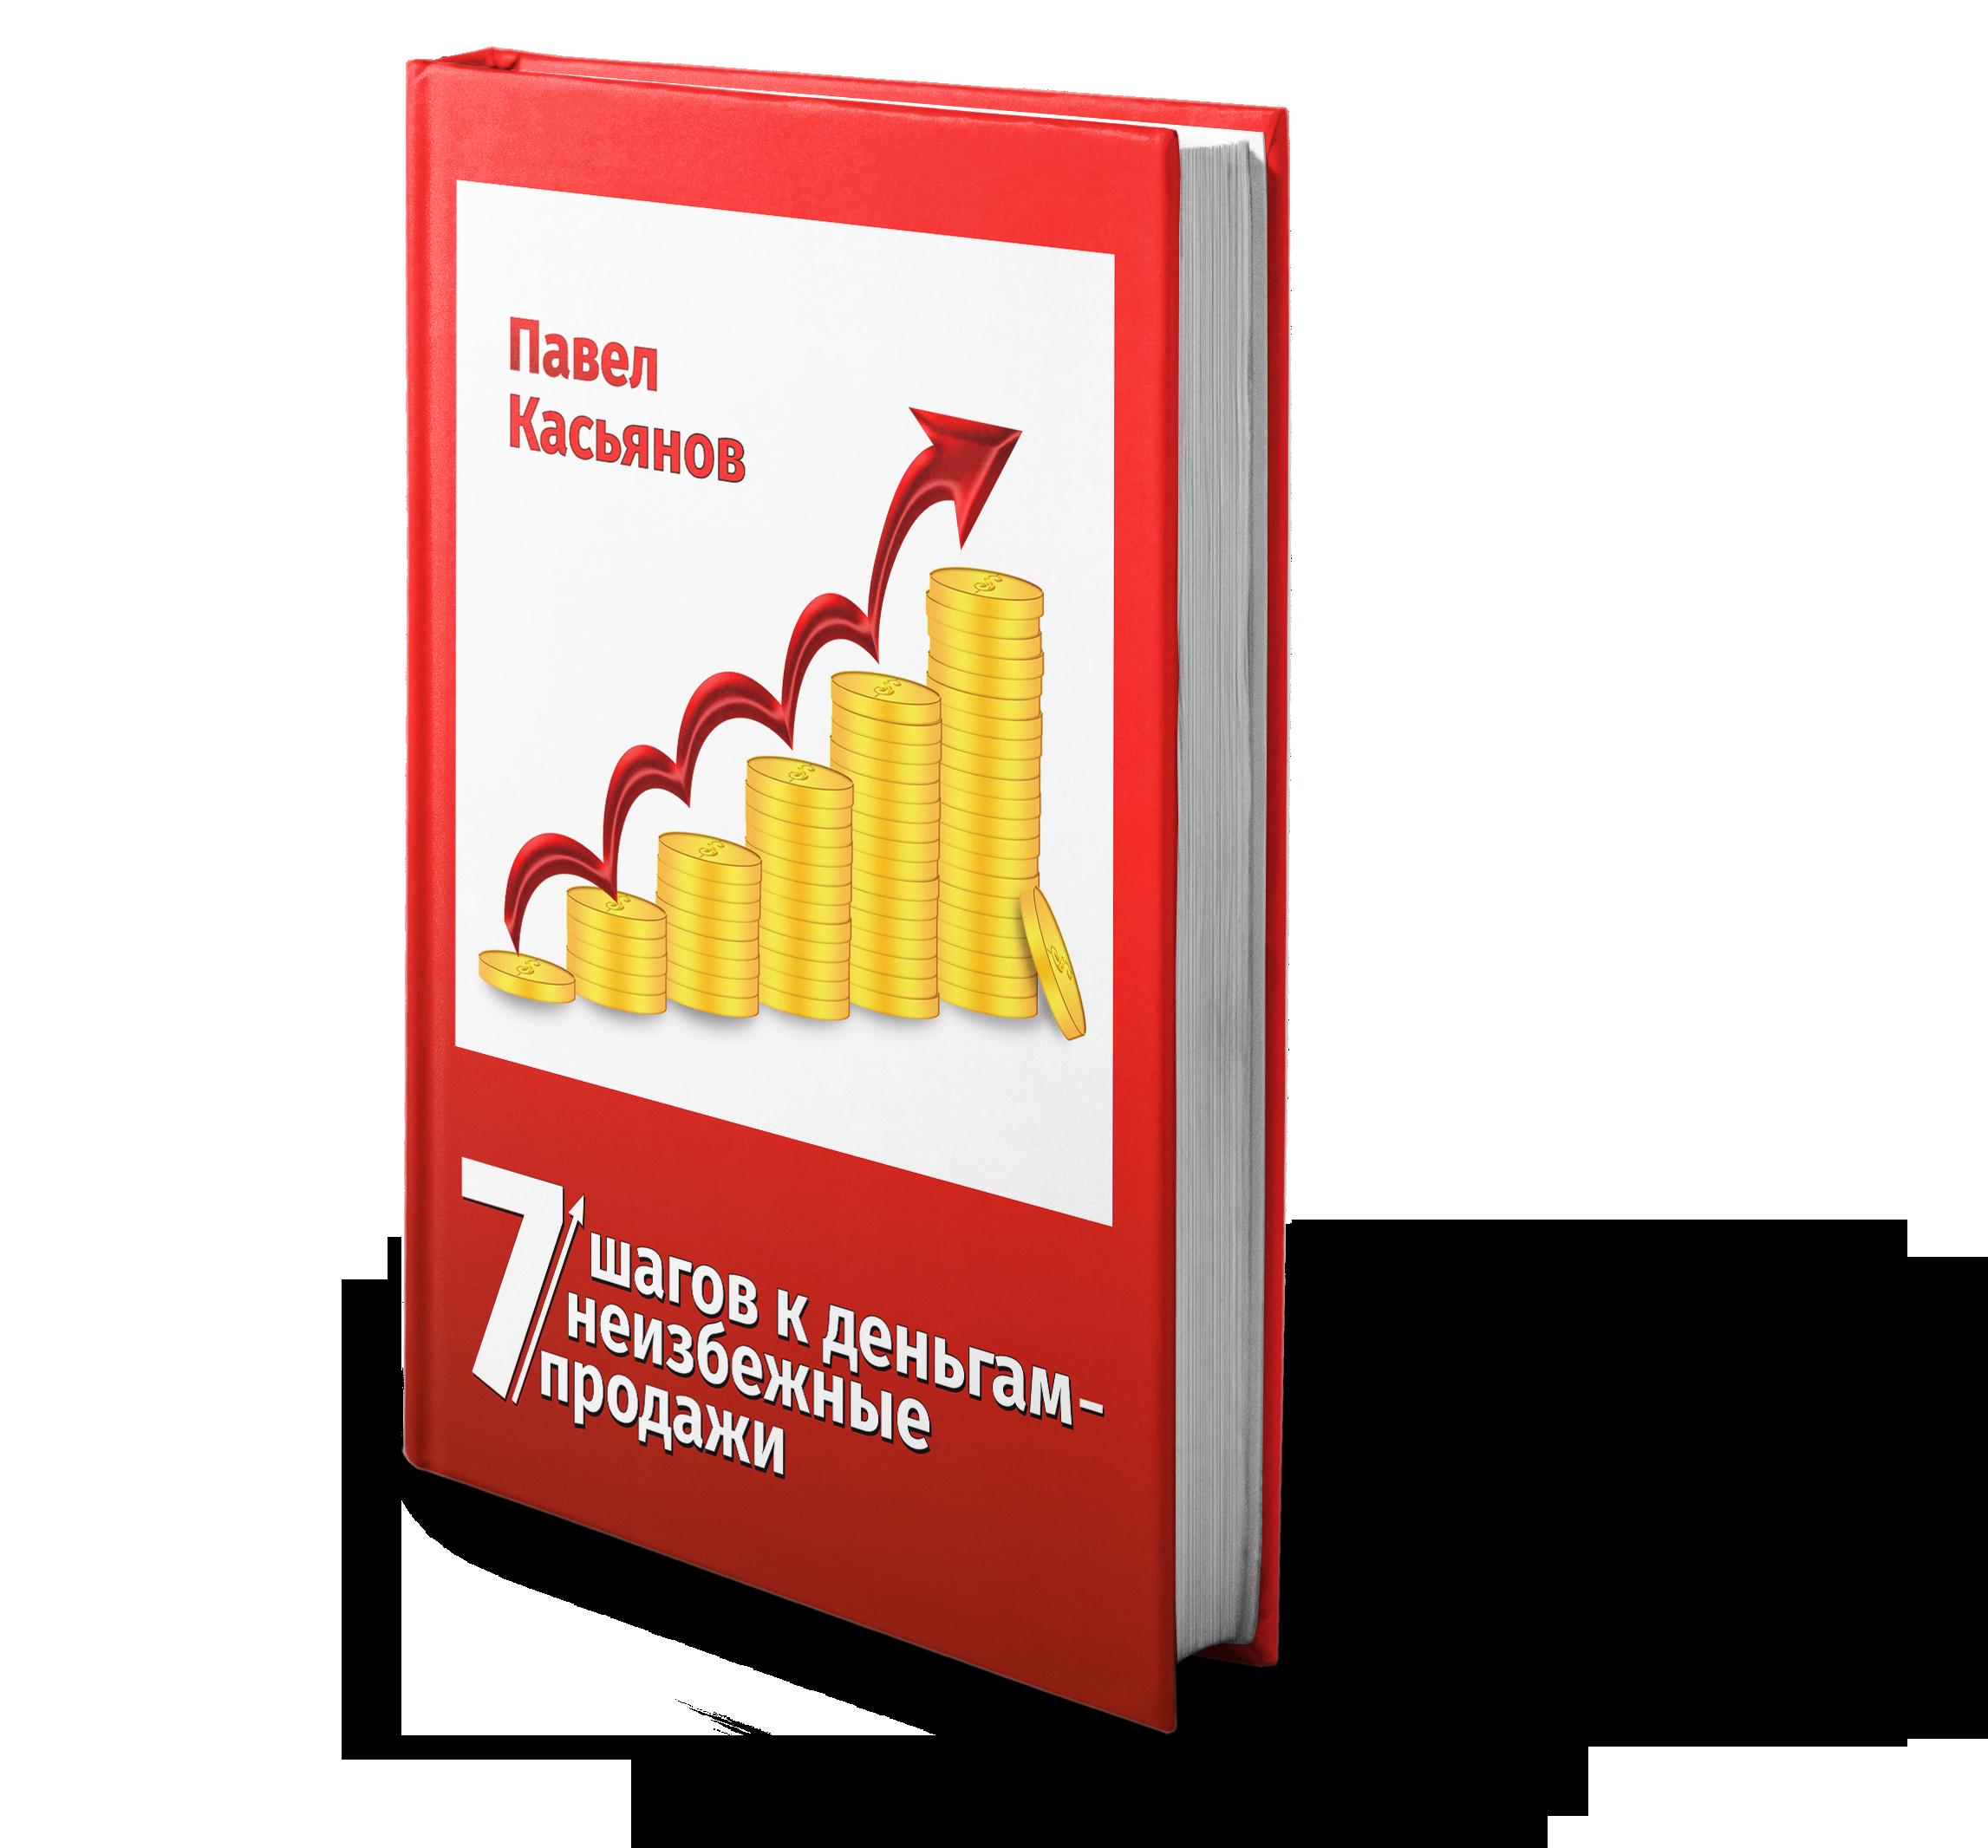 7 шагов к деньгам - неизбежные продажи